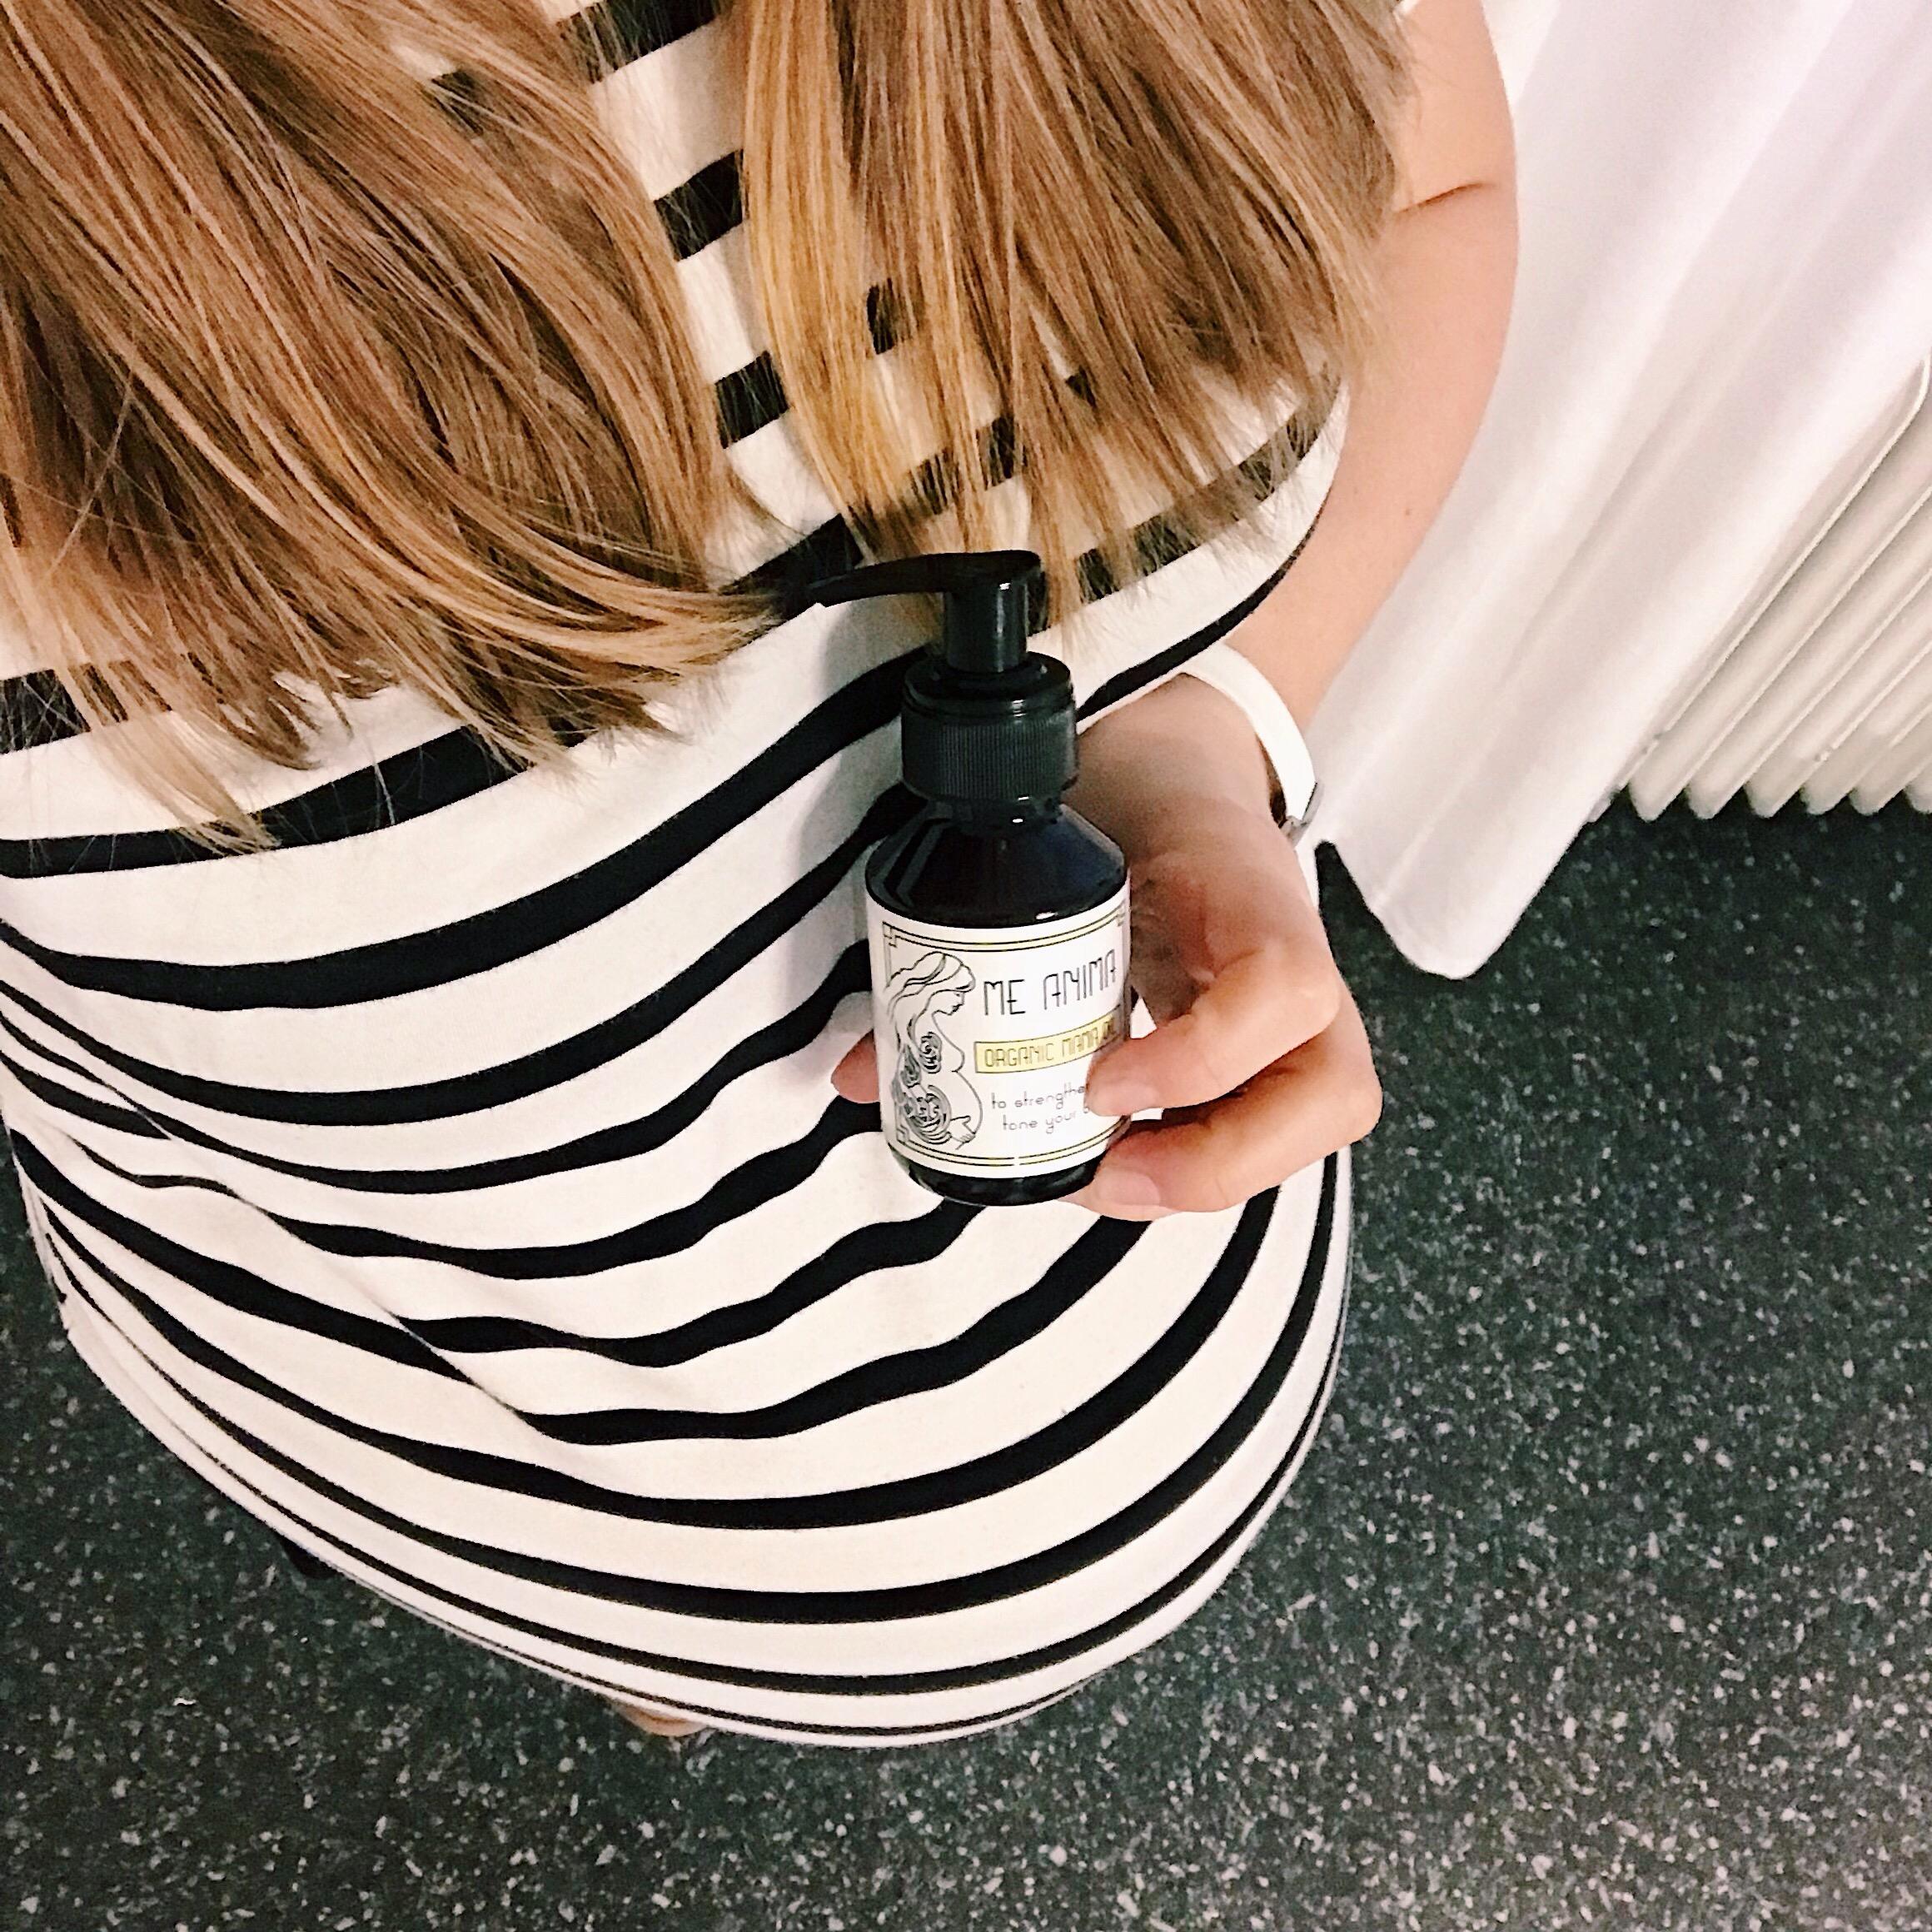 gravidolja - mama oil - me anima